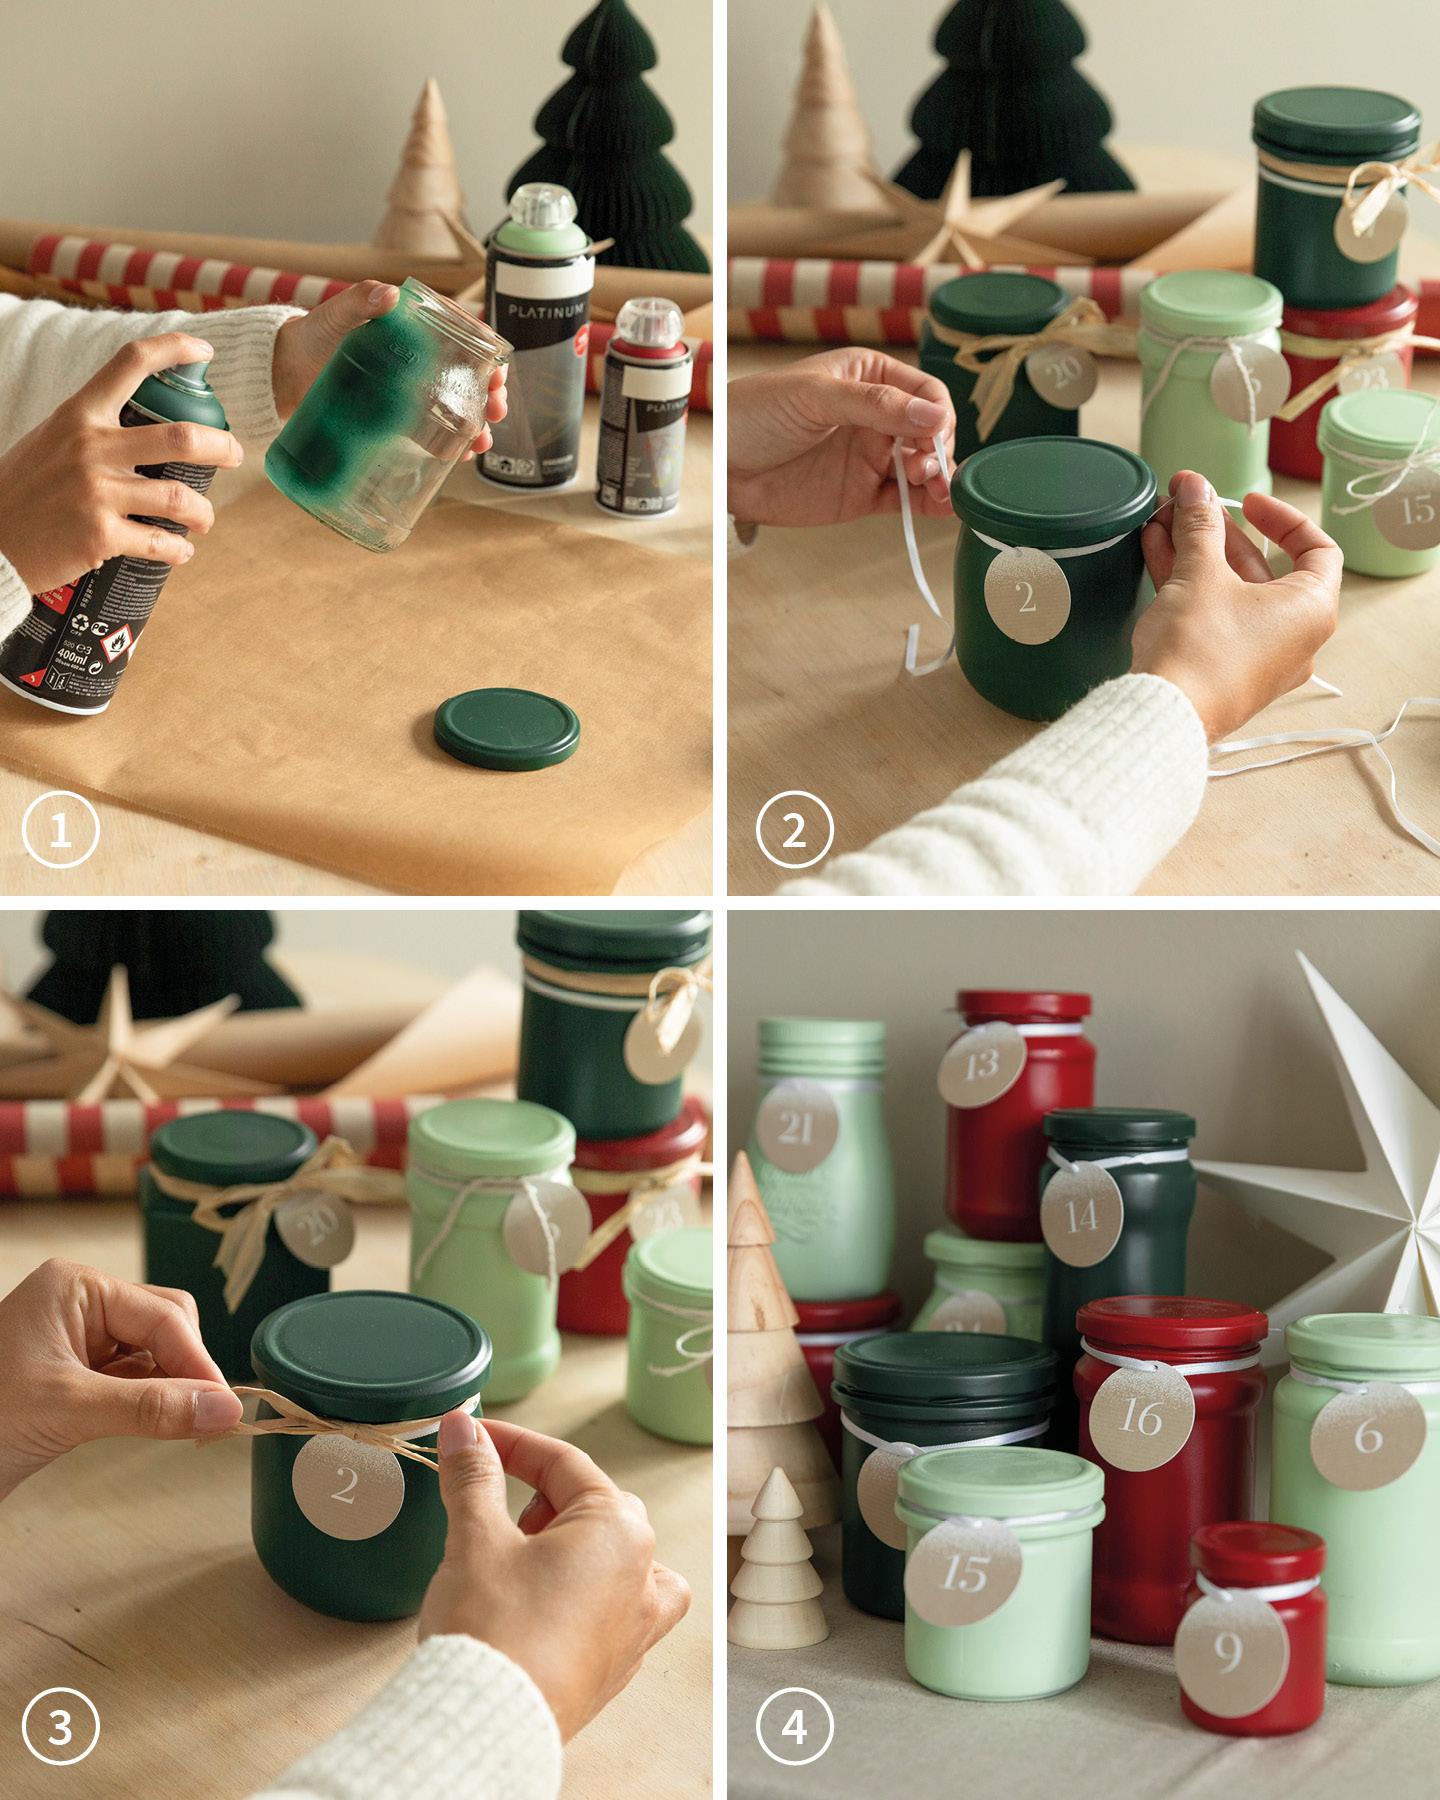 24 alte Gläser wurden mit grüner und roter Farbe besprüht und als Adventskalender aufgestellt.